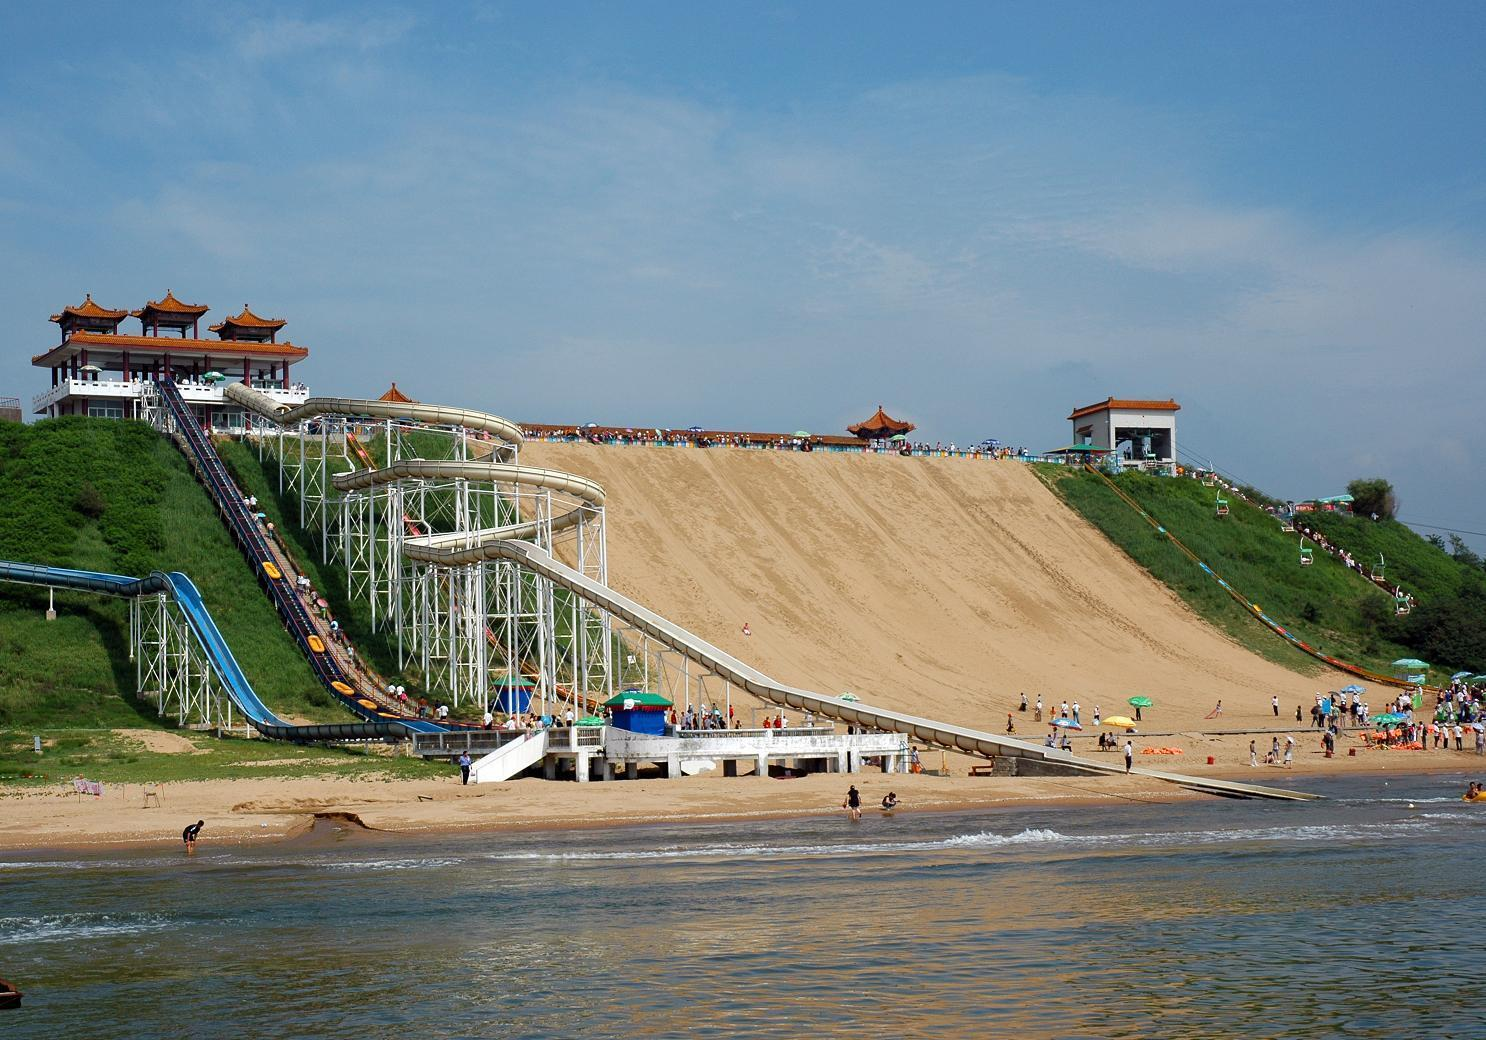 从秦皇岛火车站到乐岛海洋公园怎么走?打车多少钱?